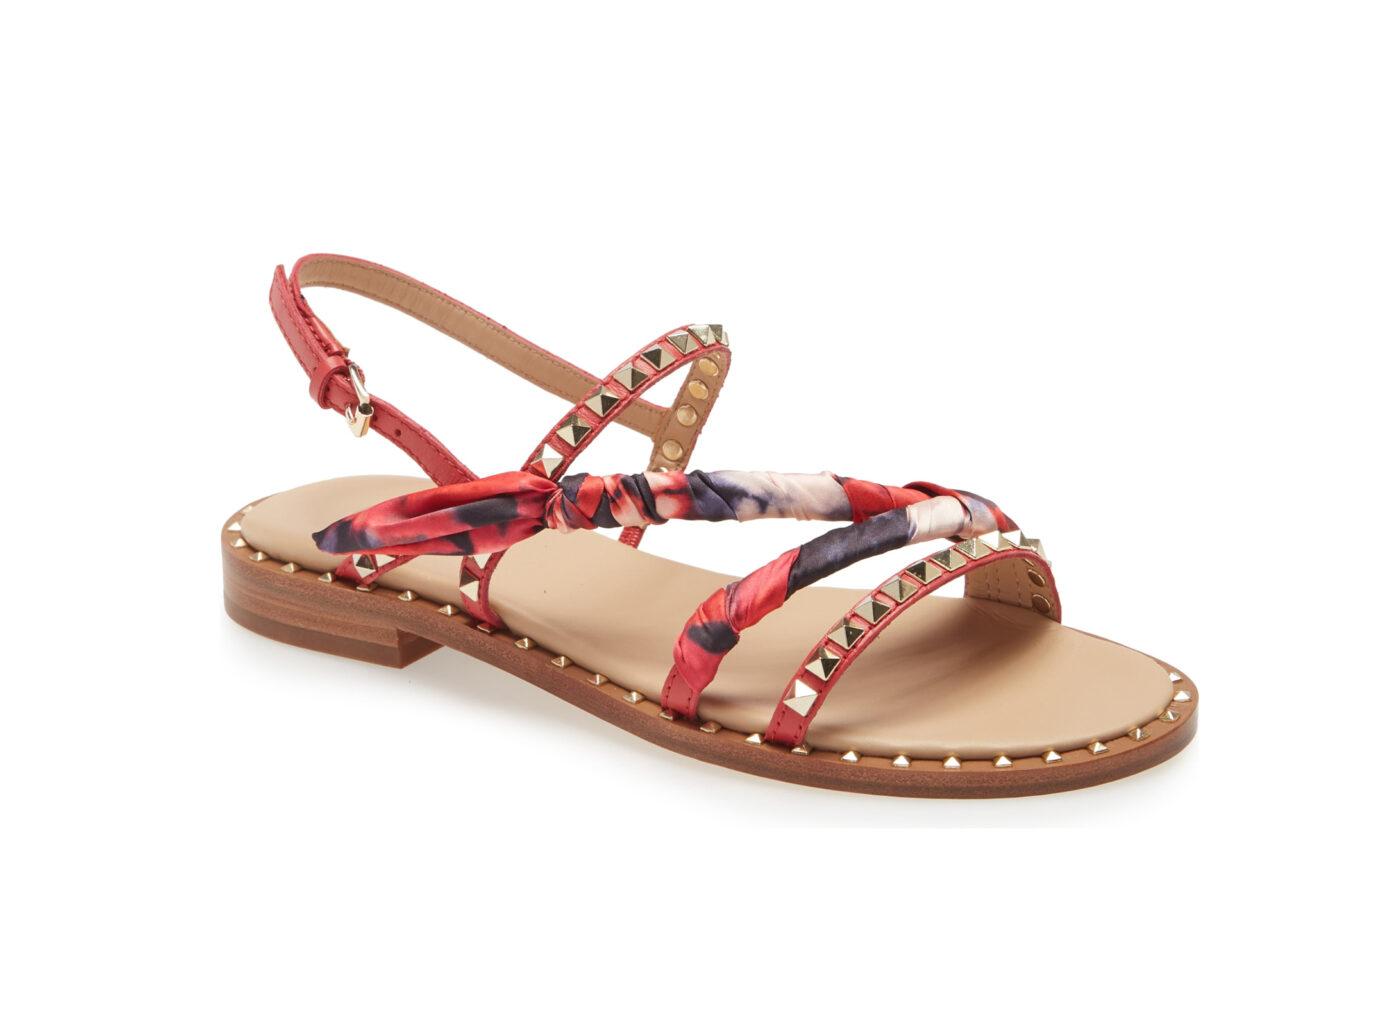 Ash Pasha Studded Sandals